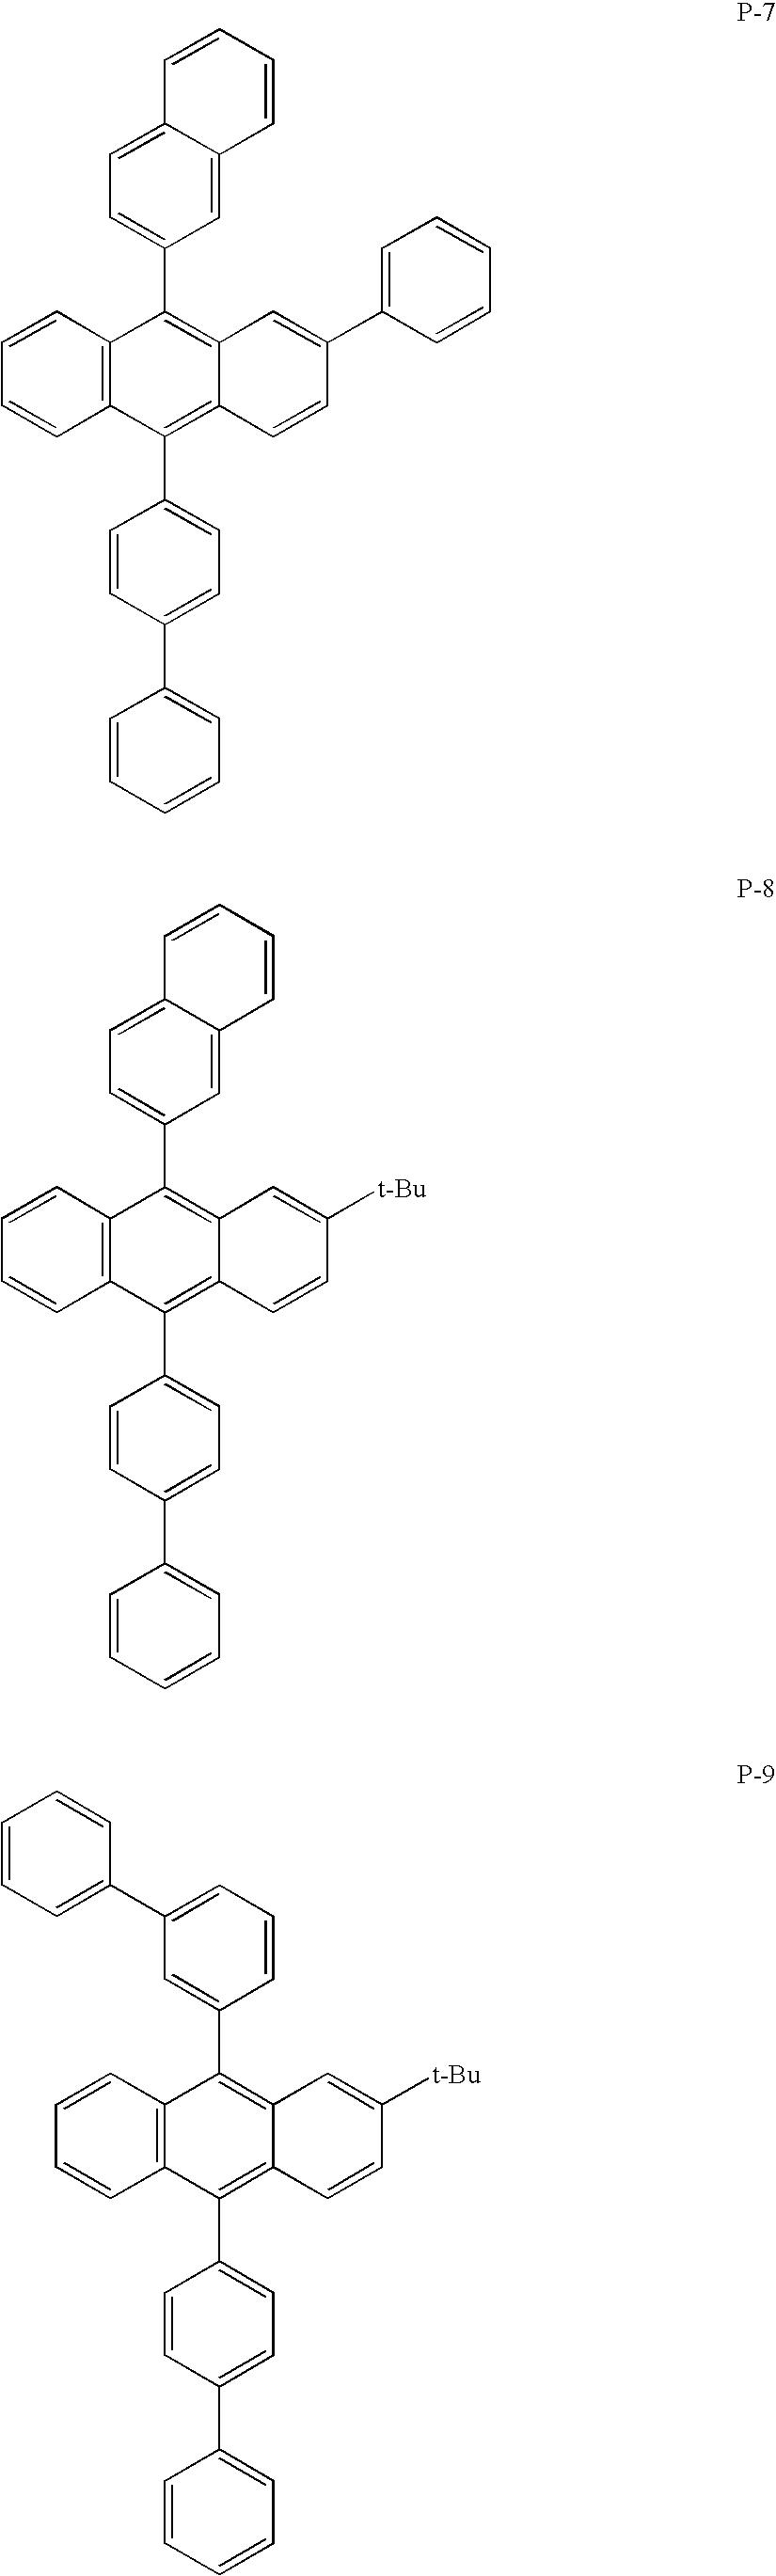 Figure US08216697-20120710-C00024